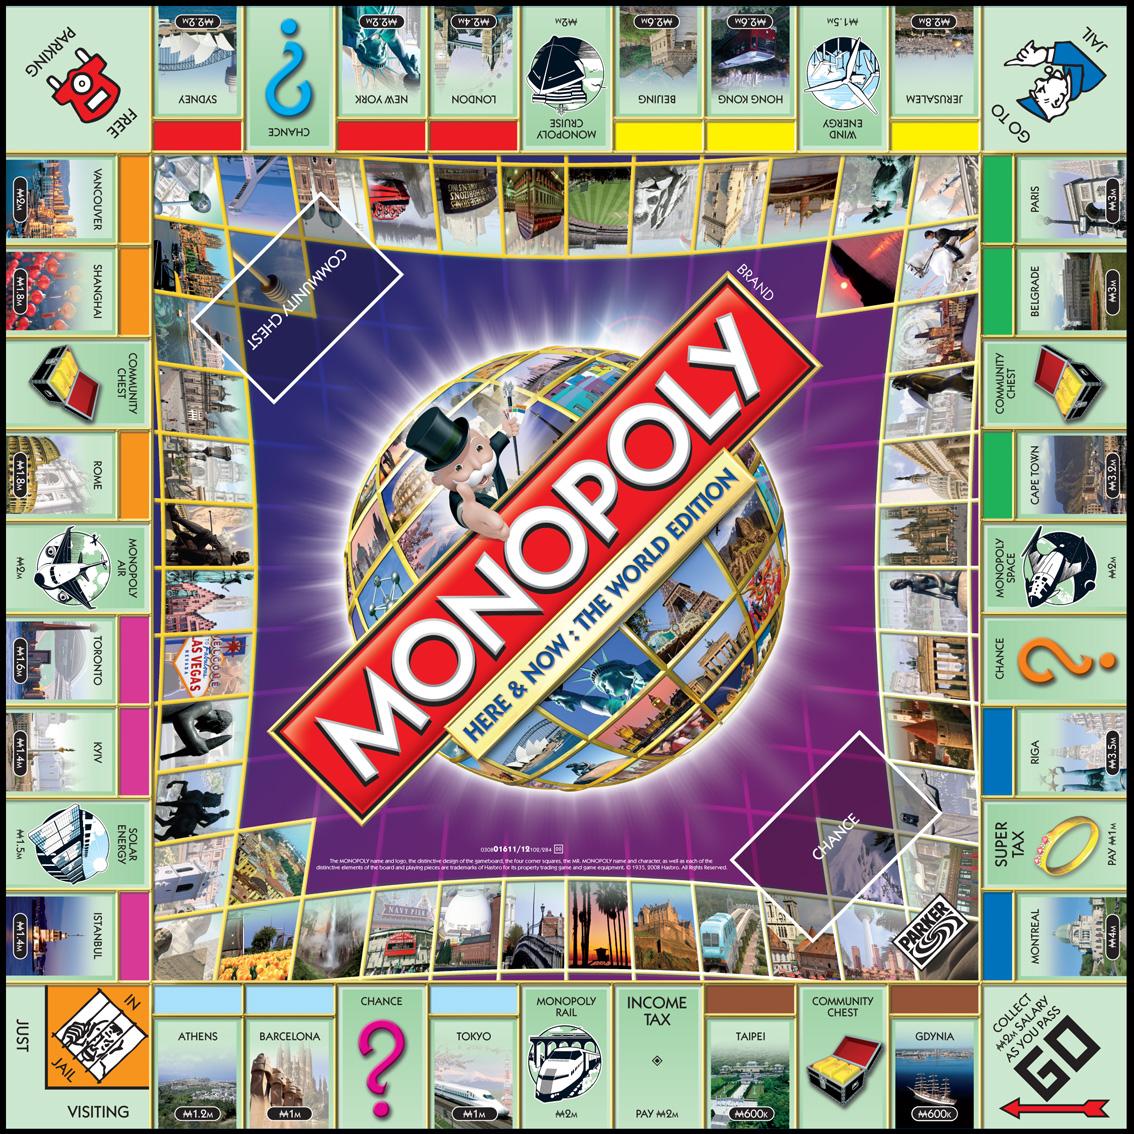 monopolyonline